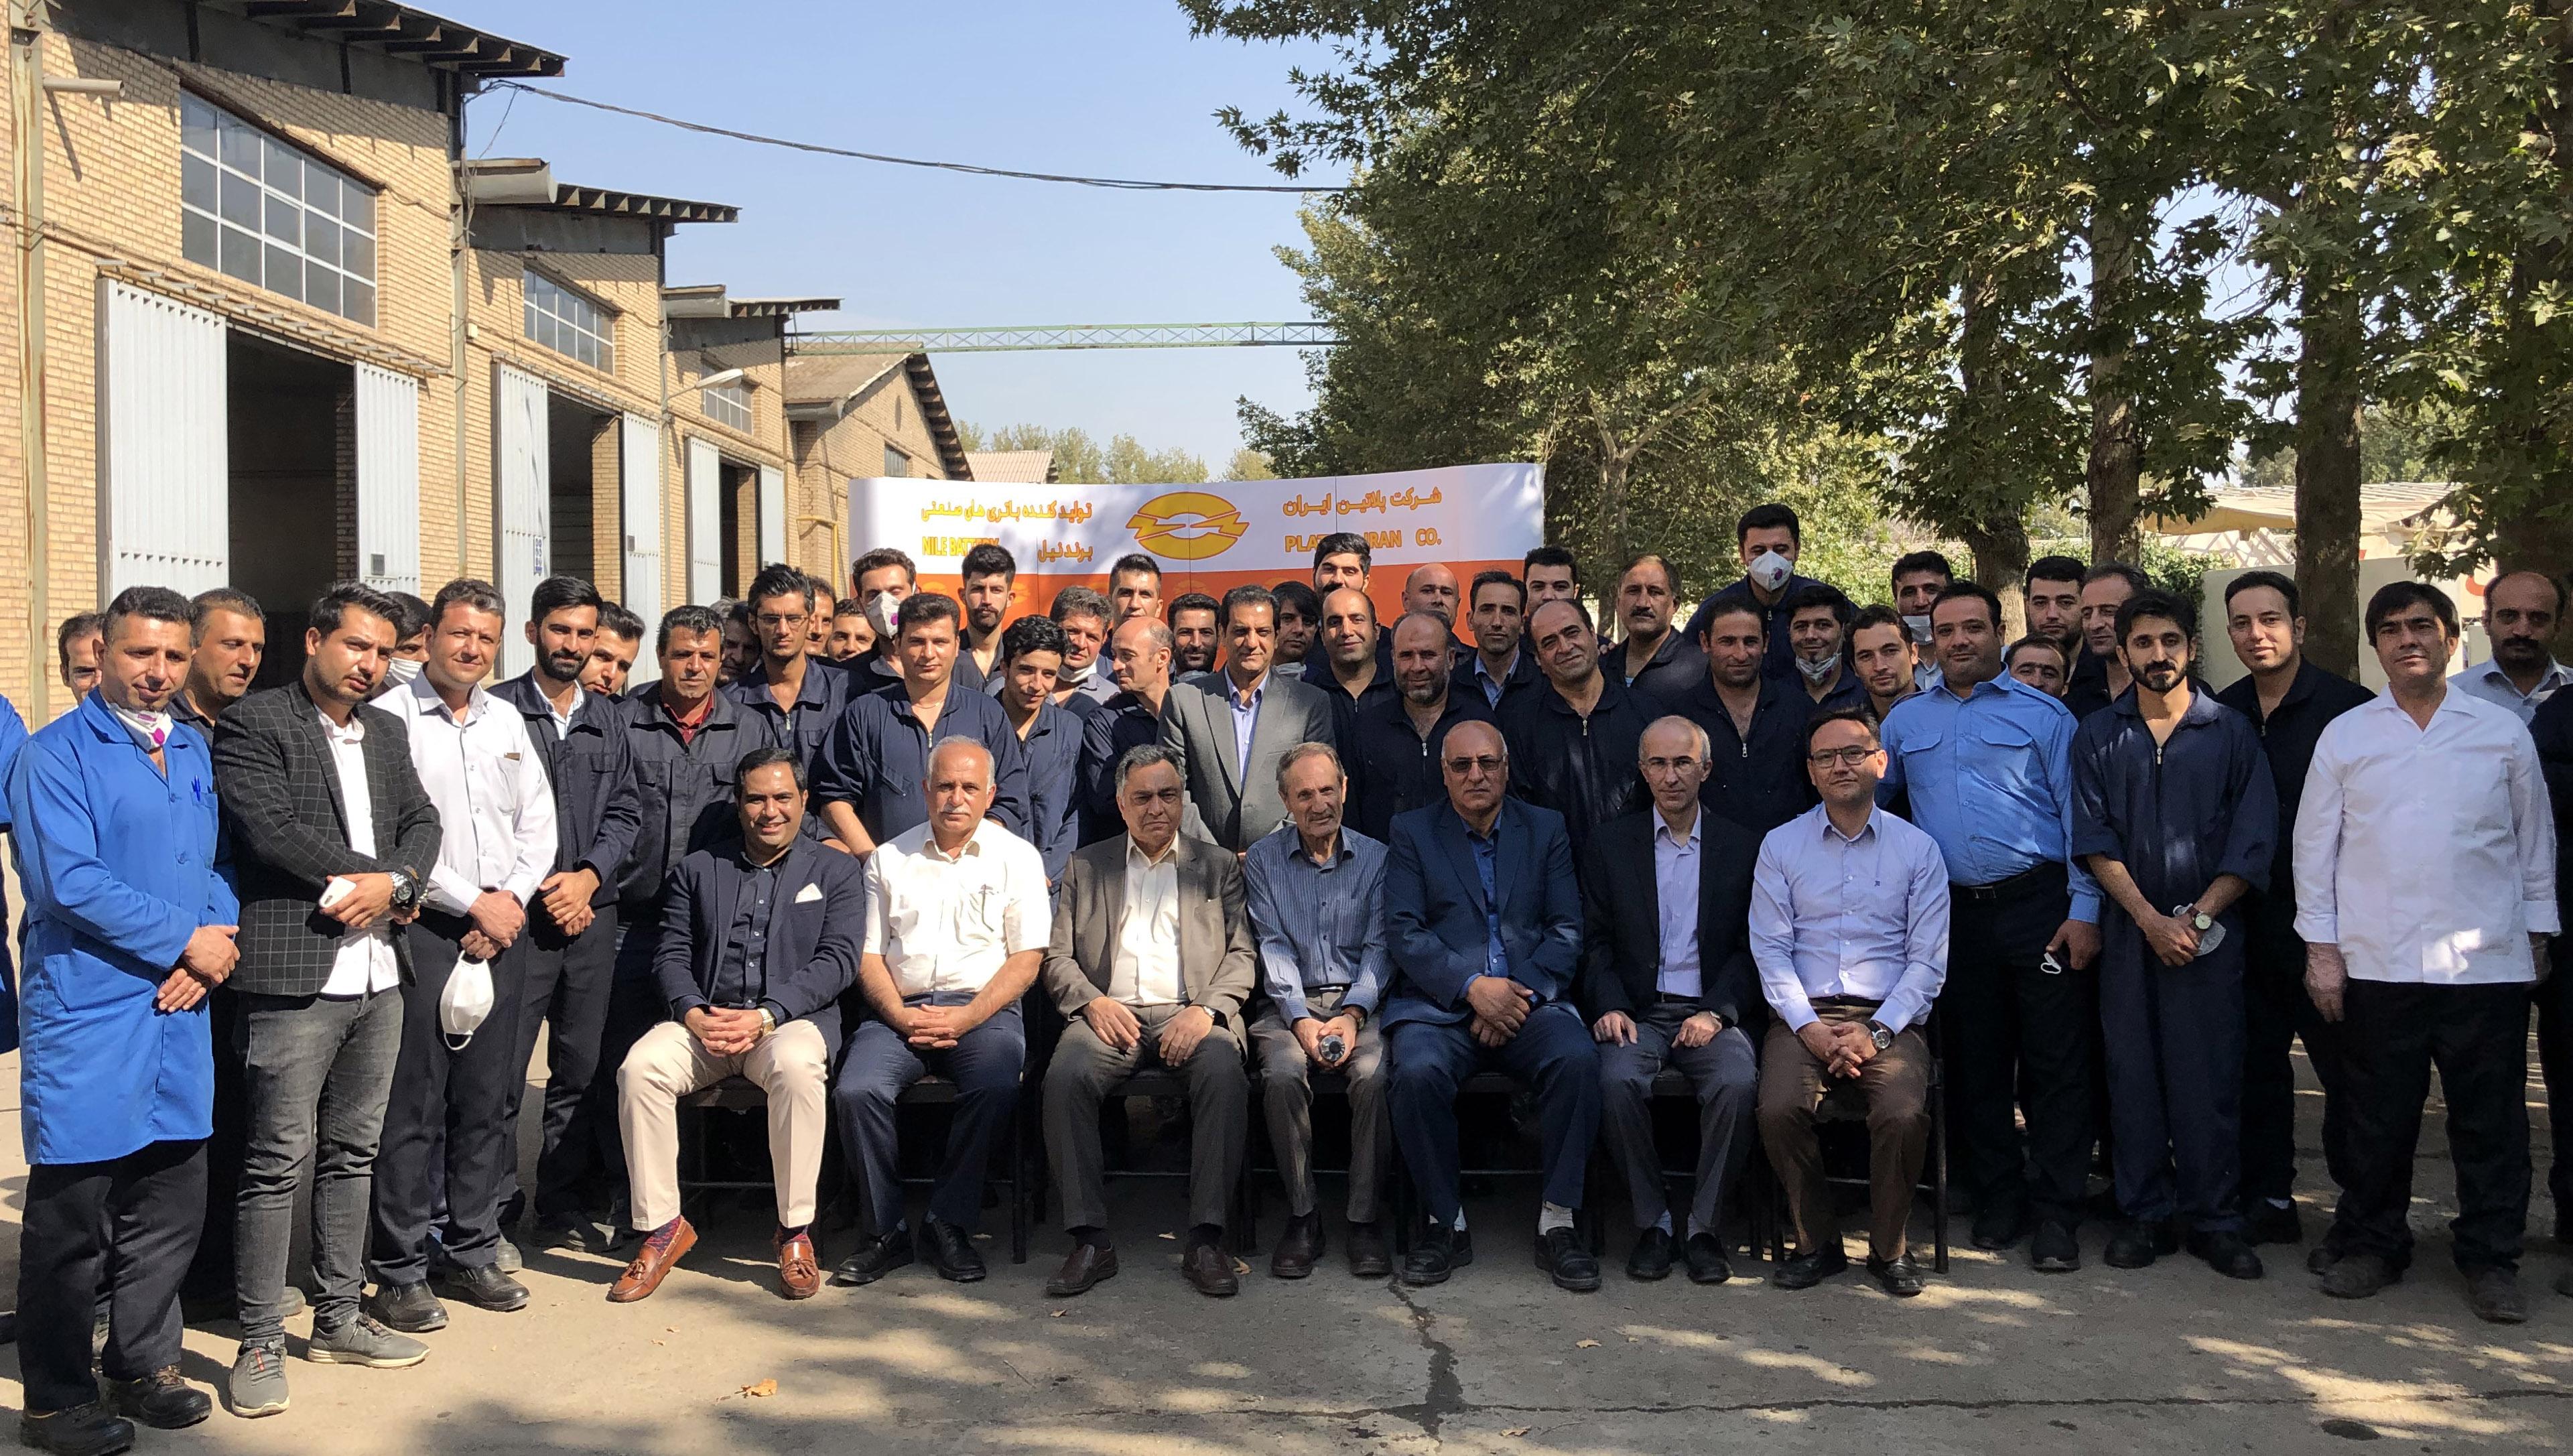 خانواده پلاتین ایران